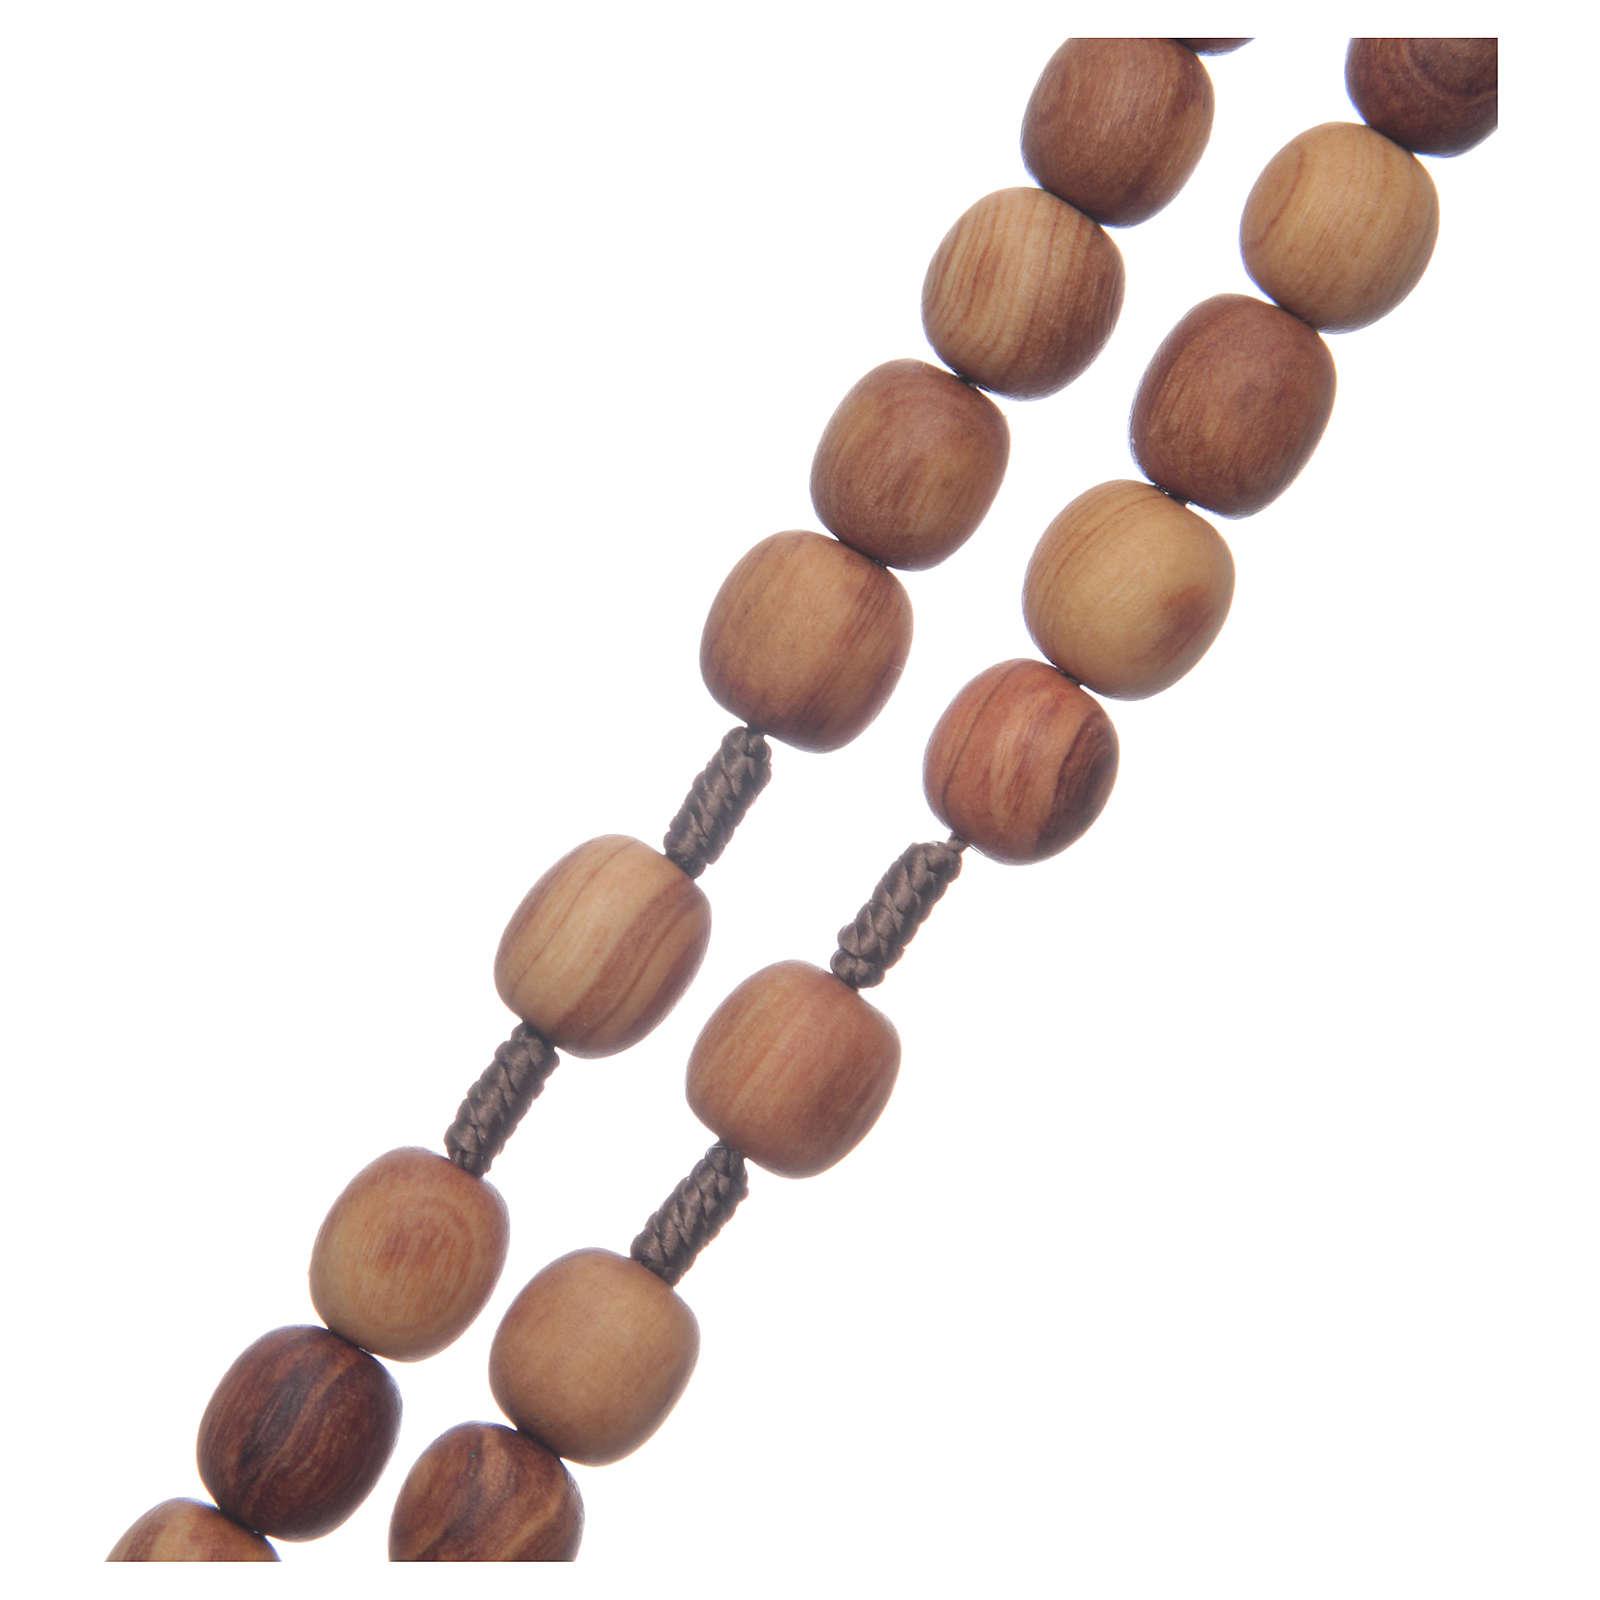 Rosario ulivo Medjugorje 10 mm corda crociera ulivo 4